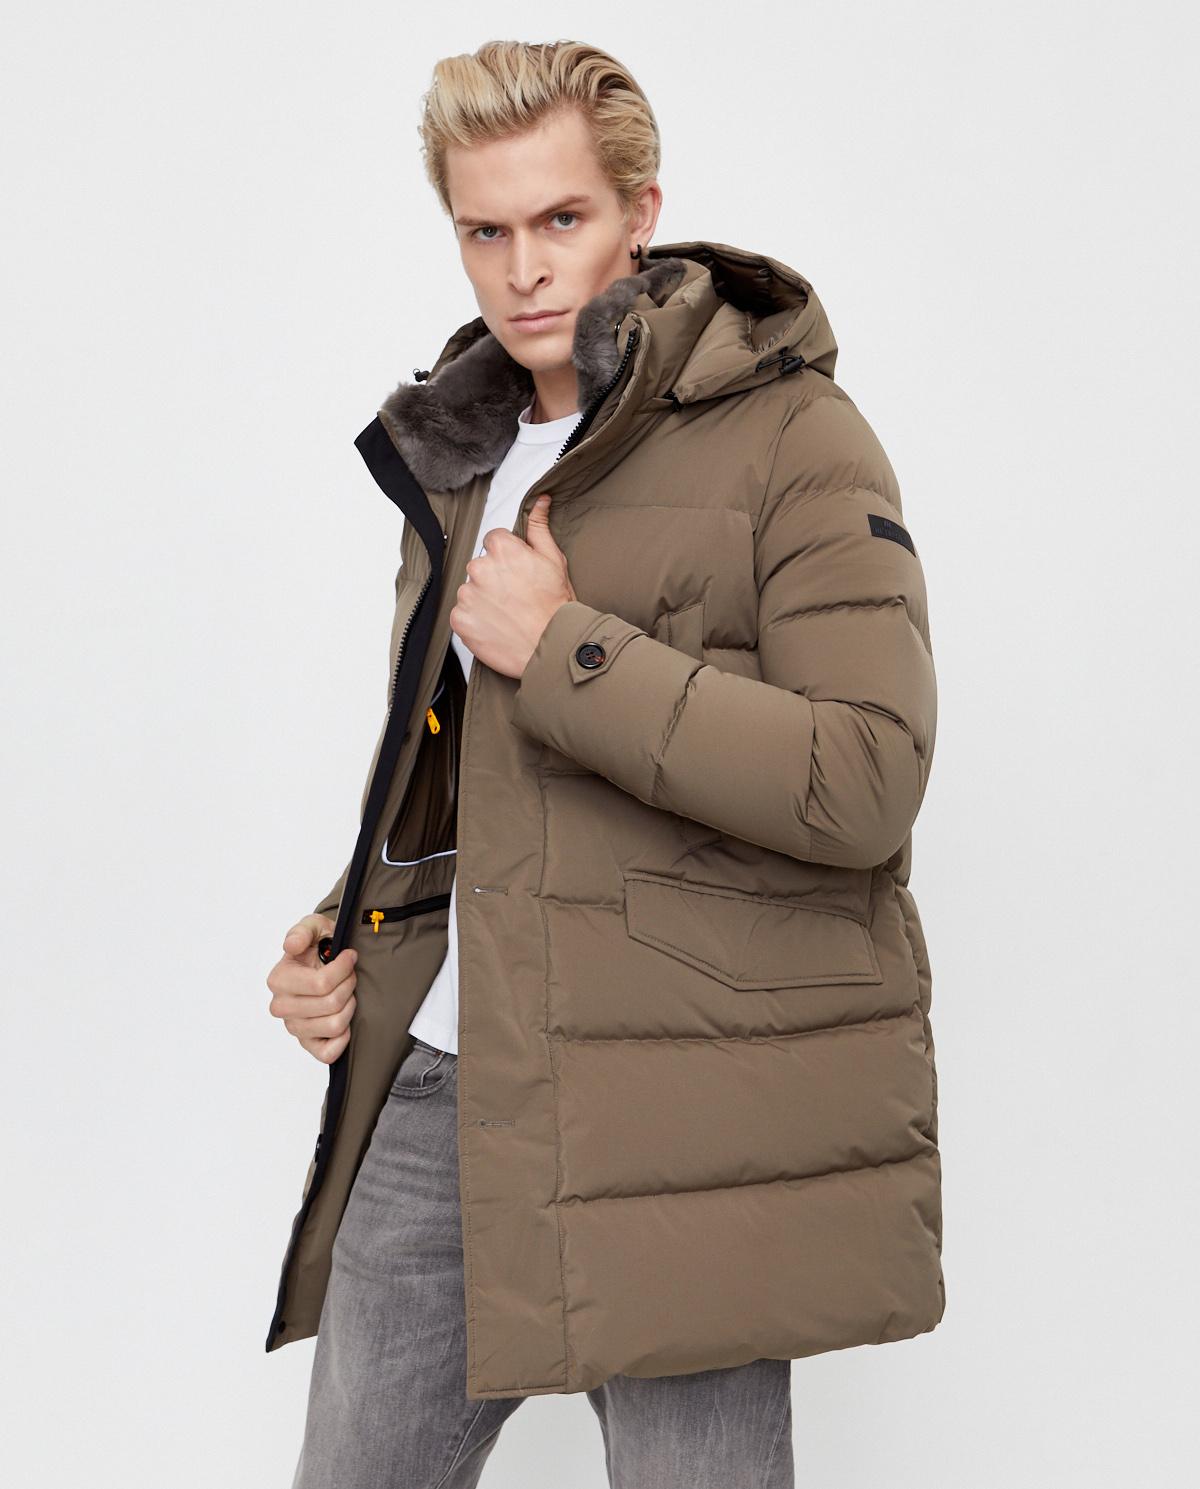 Beżowa kurtka puchowa Hetrego 8I543R KAK